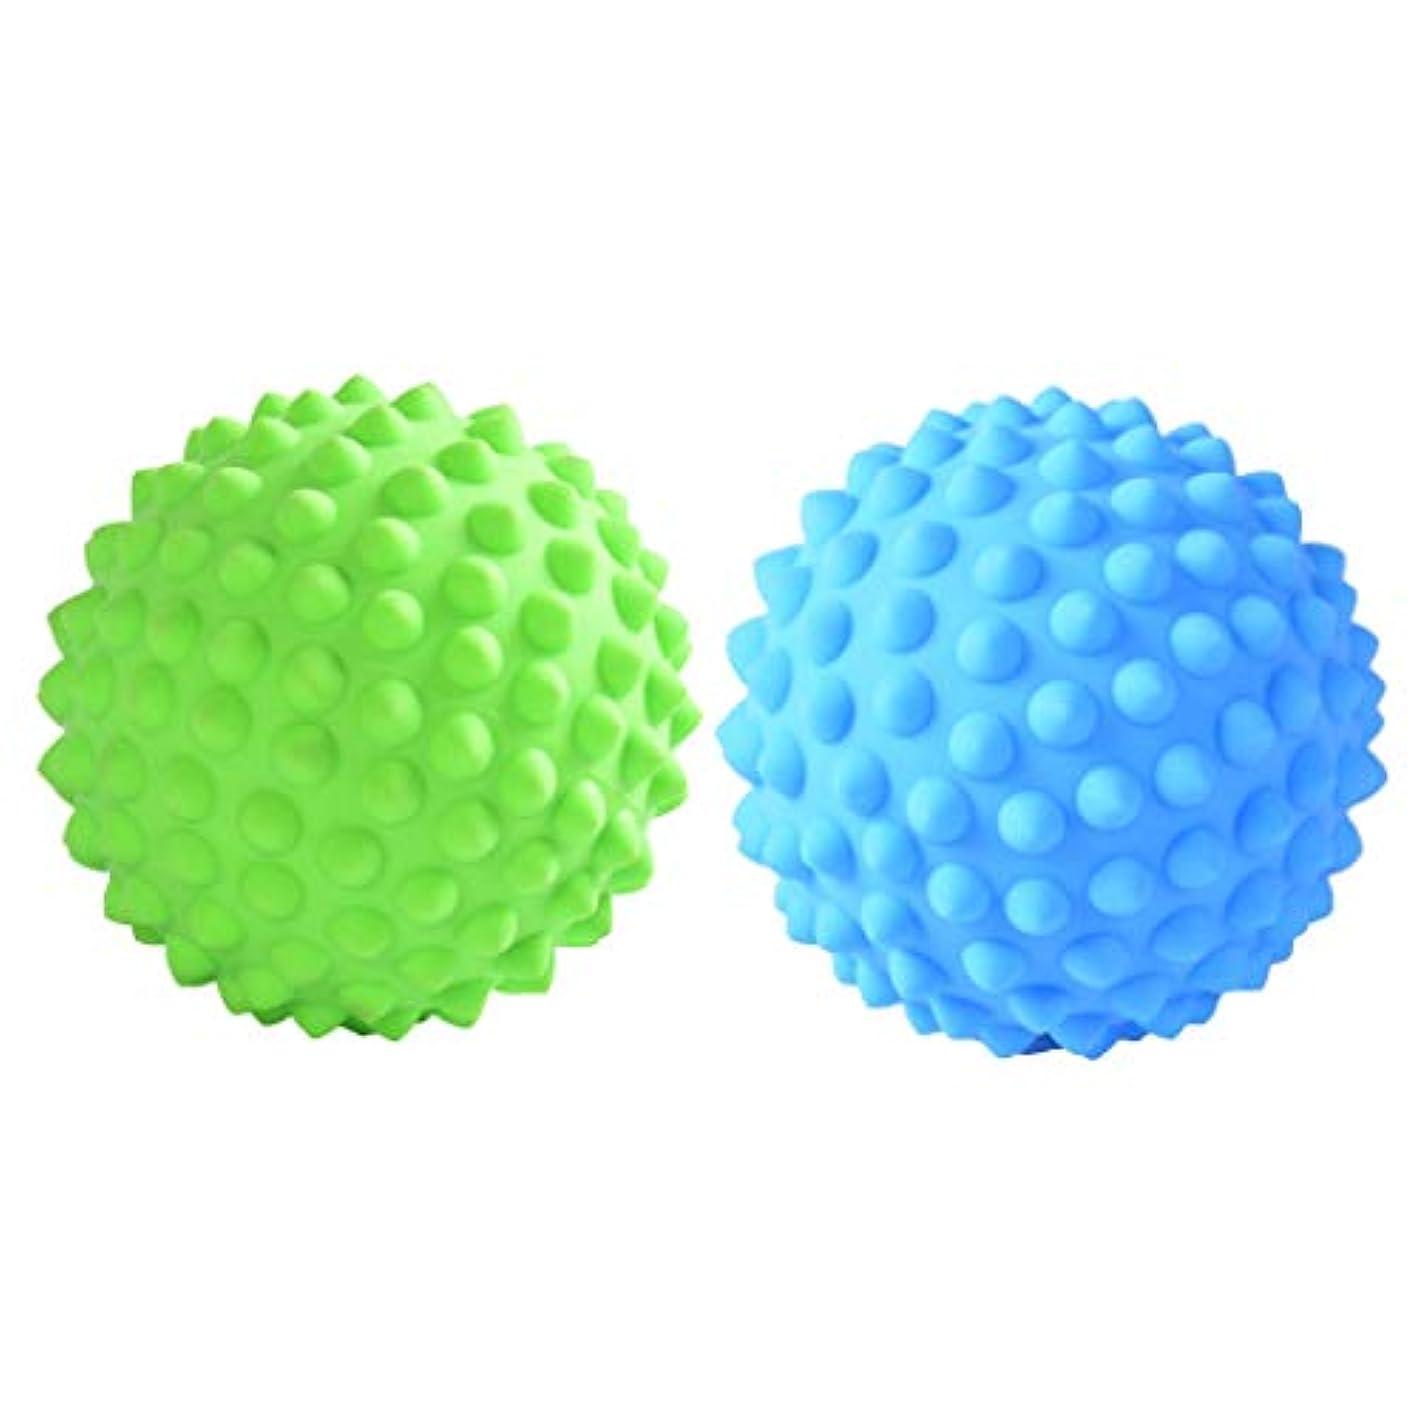 風変わりな氏水曜日chiwanji マッサージローラーボール 指圧ボール トリガーポイント 疲れ解消ボール ヨガ 疲労軽減 2個入